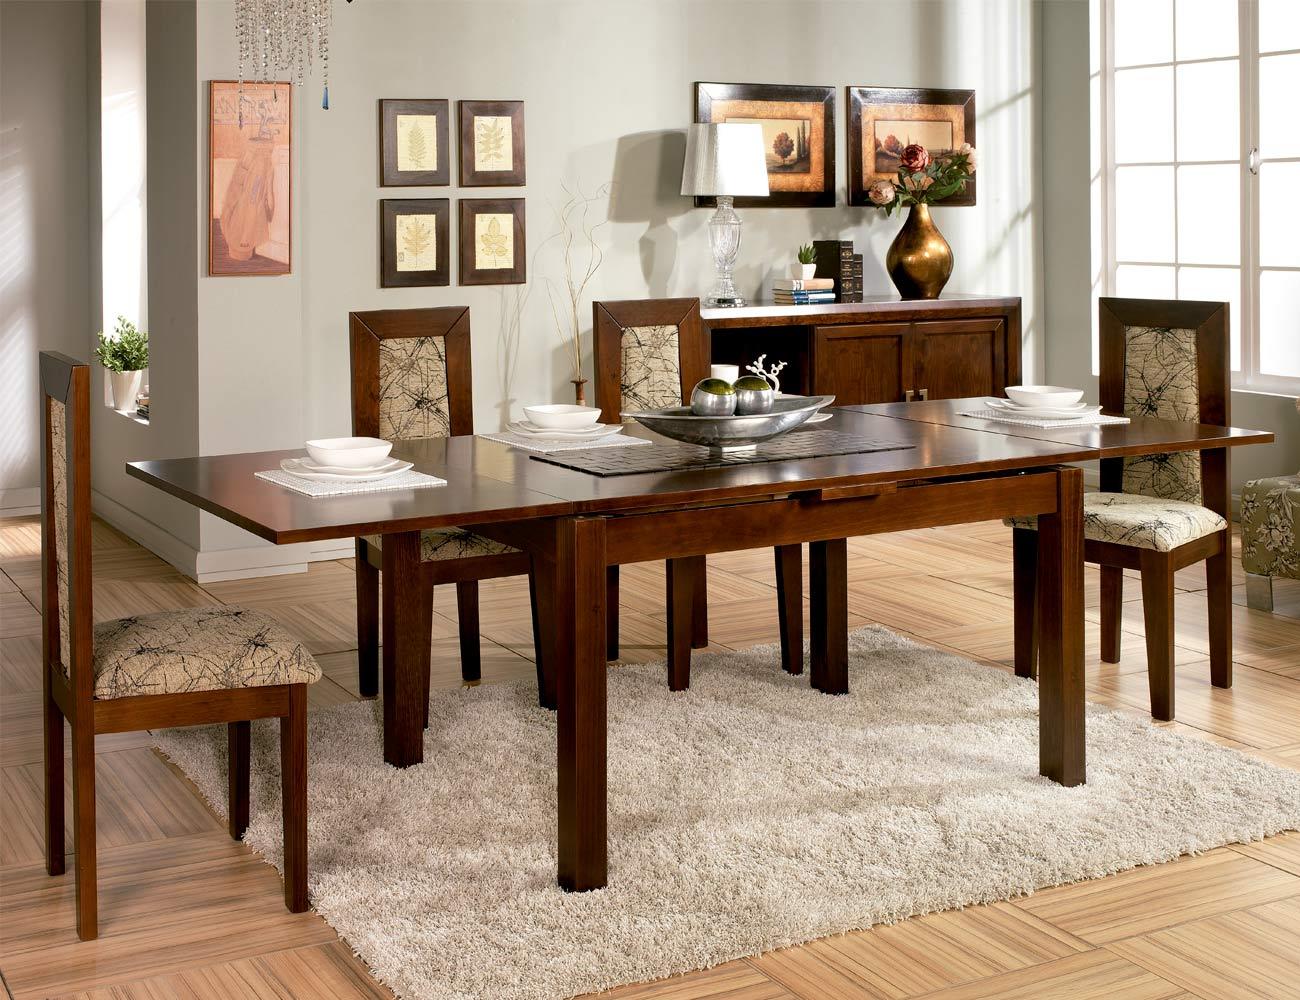 Composicion33 mesa salon comedor sillas tapizadas madera3